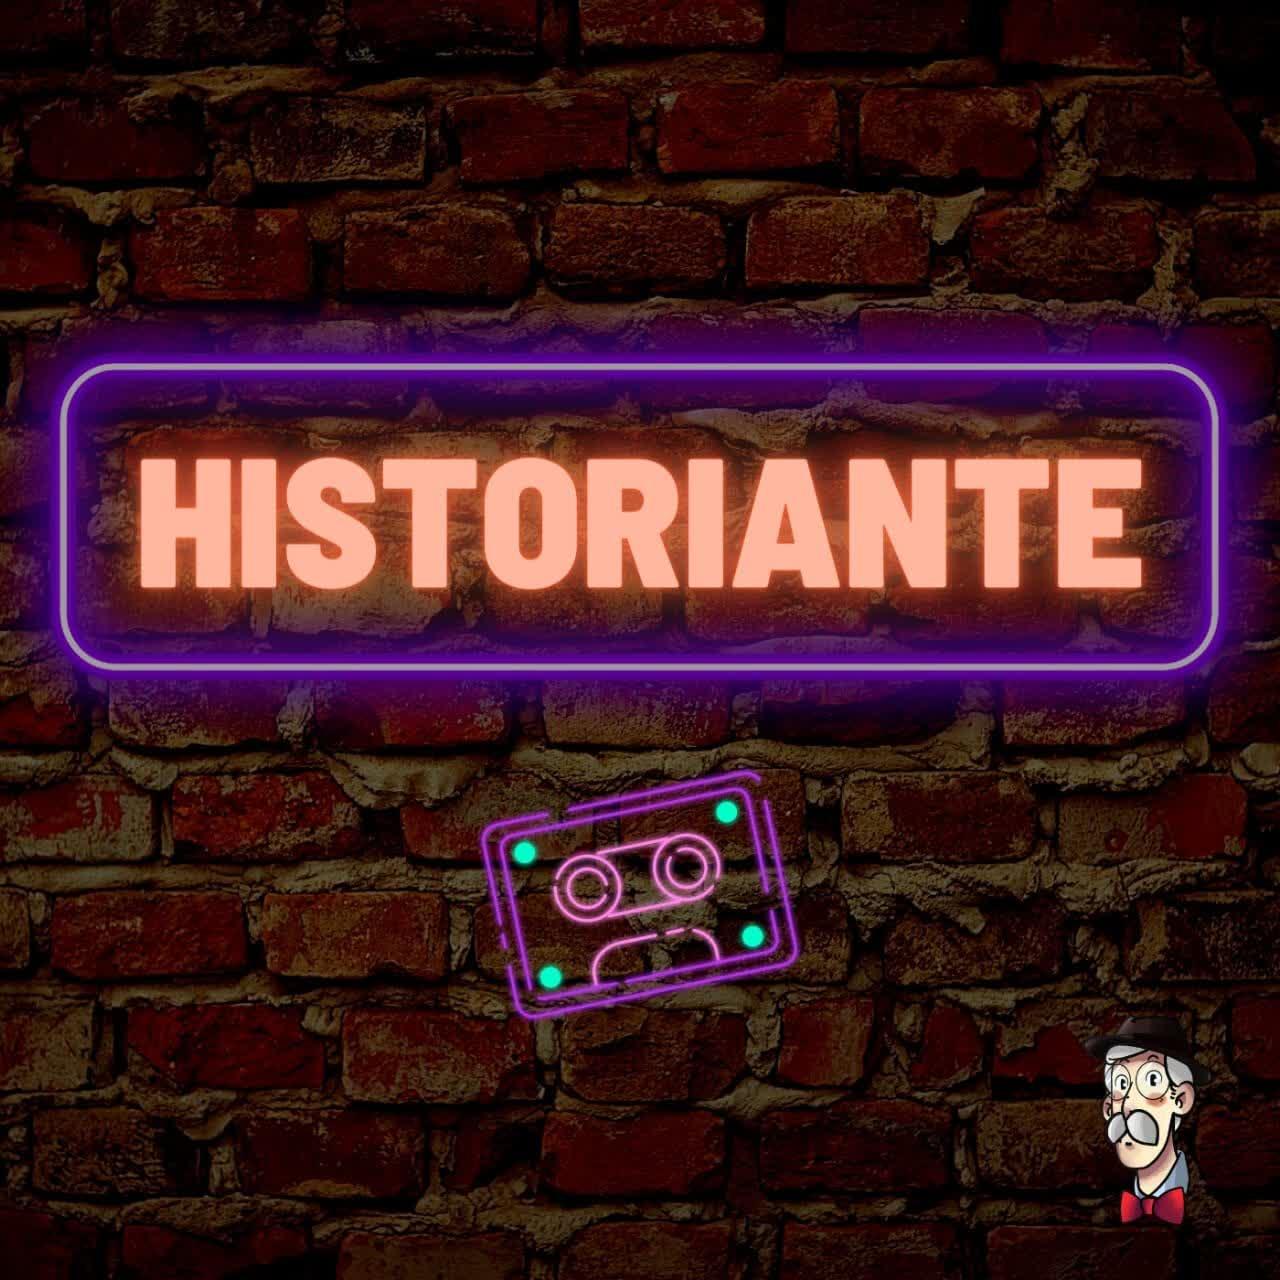 Historiante